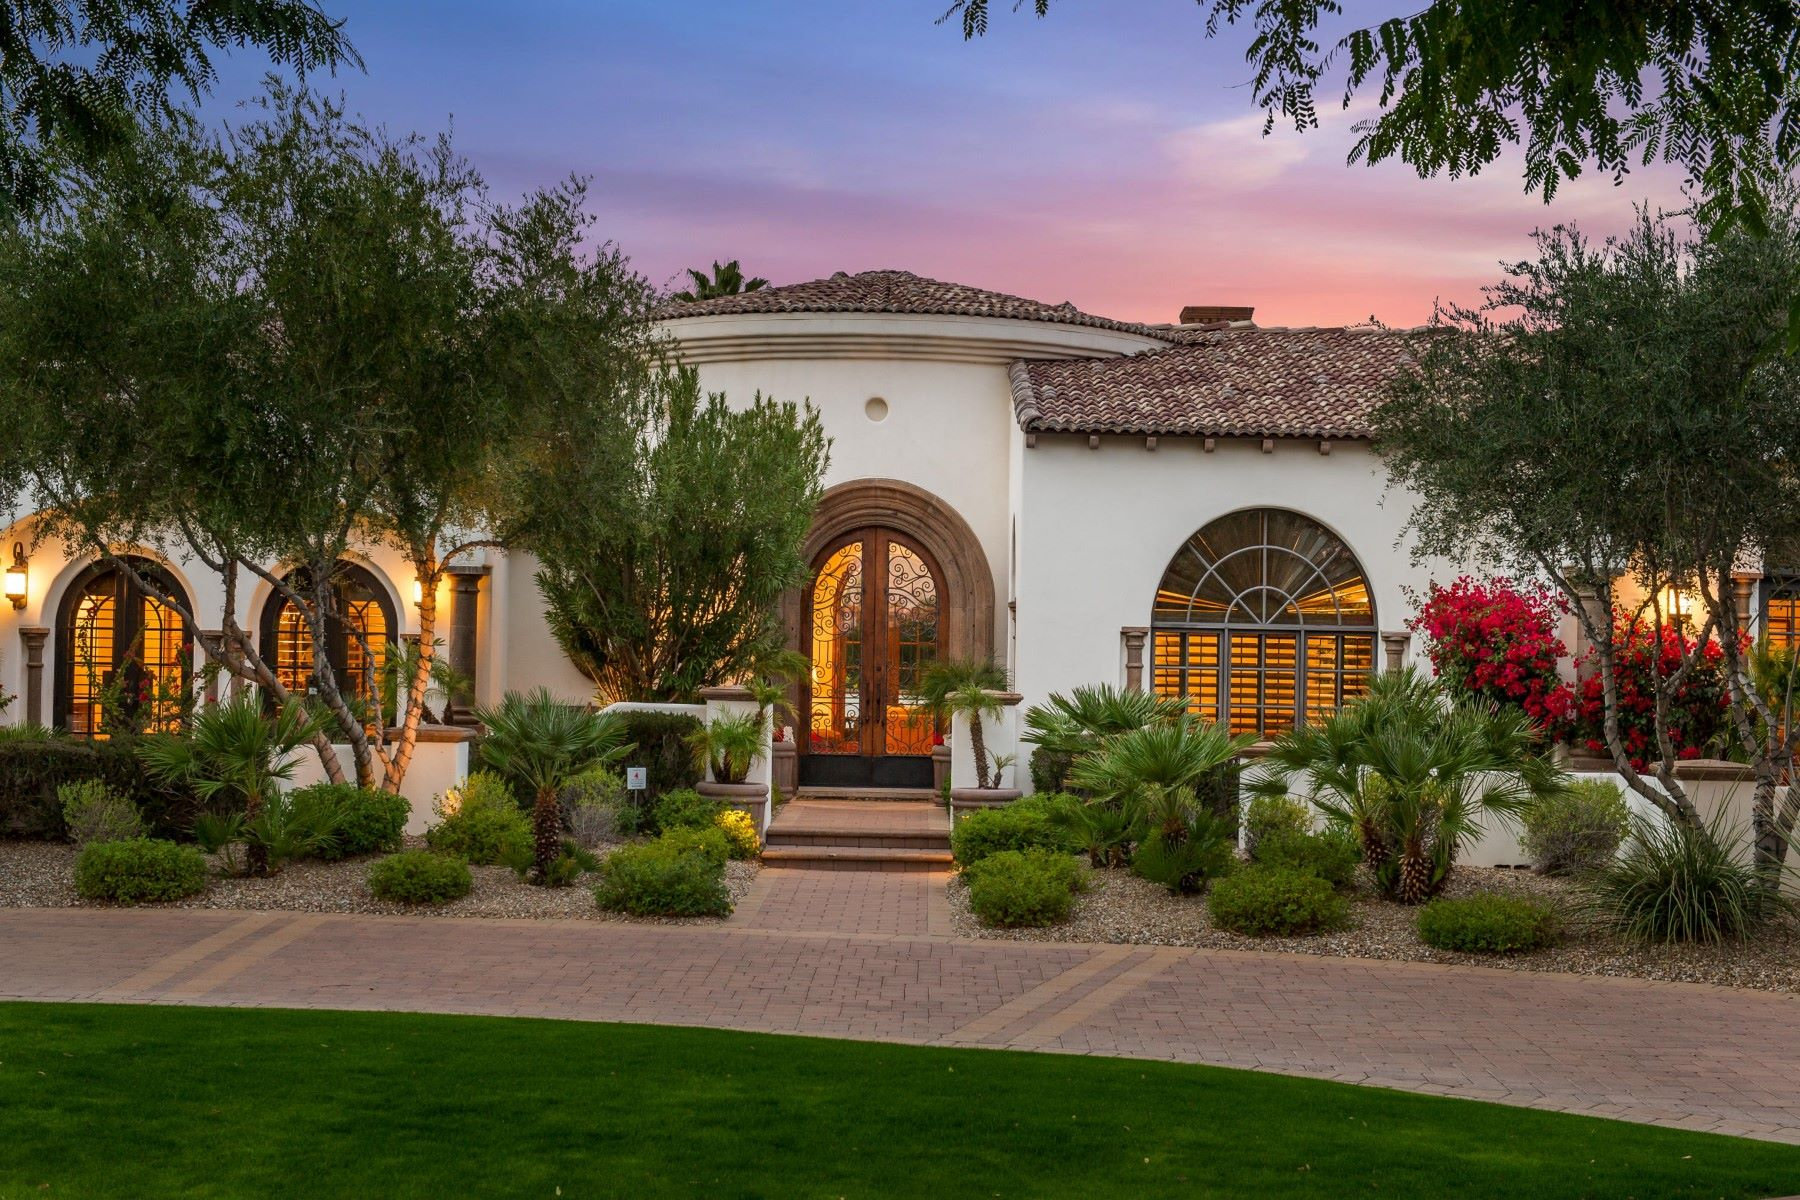 Casa Unifamiliar por un Venta en Timeless Santa Barbara masterpiece 6770 E Bluebird Ln Paradise Valley, Arizona, 85253 Estados Unidos